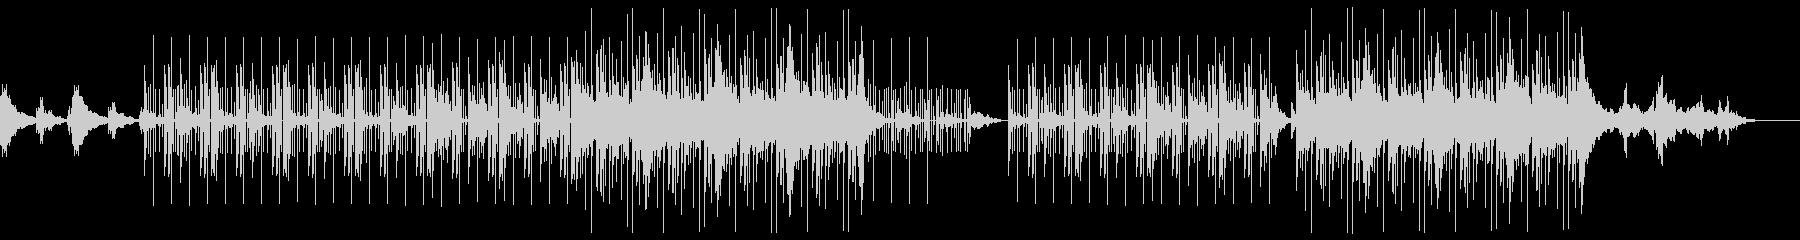 ダーク 空虚 トラップビートの未再生の波形